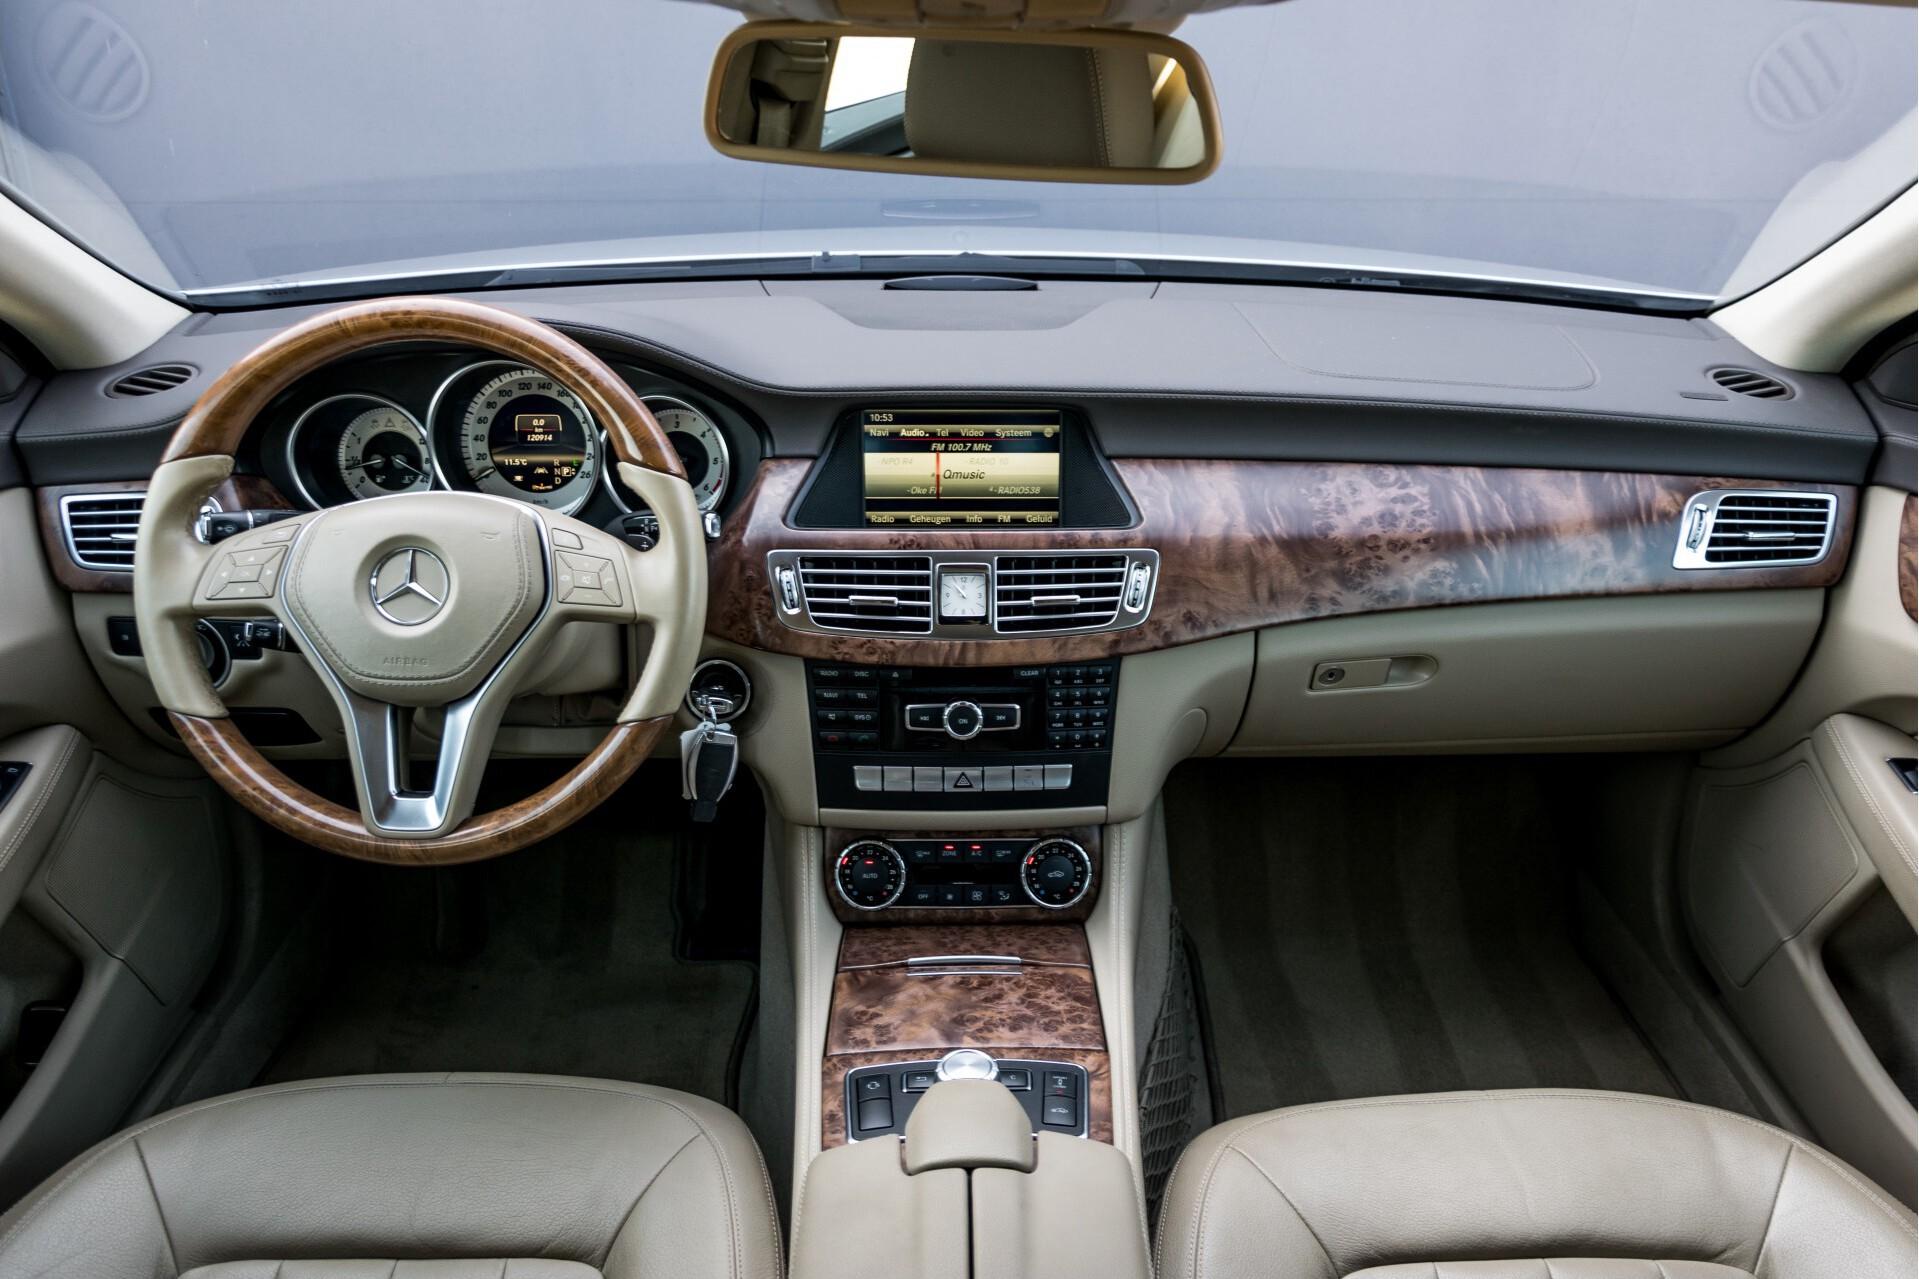 Mercedes-Benz CLS-Klasse 350 Cdi Luchtvering/Distronic/Nachtzicht/AMG/Comand/ILS Aut7 Foto 9